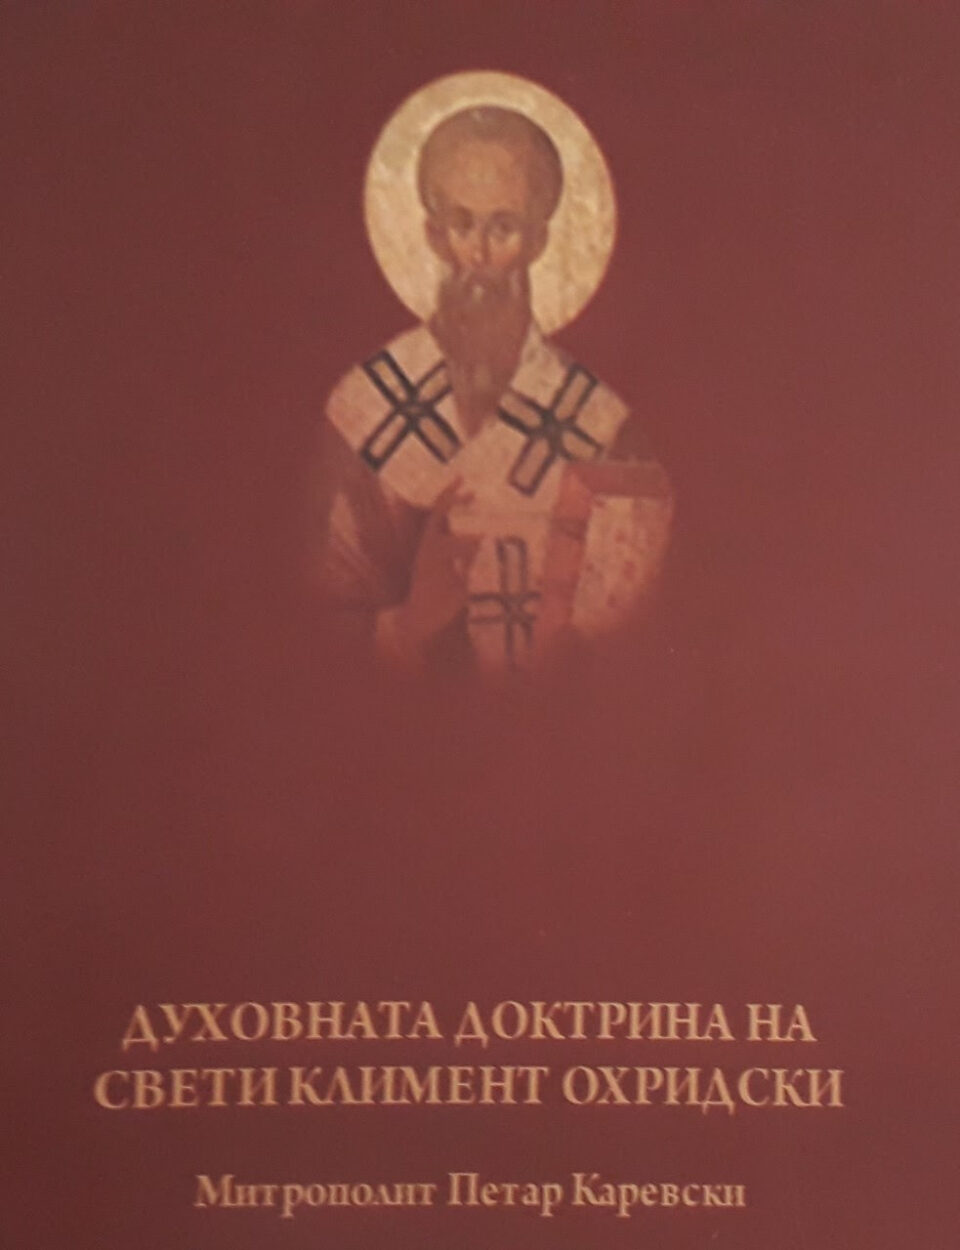 Духовната доктрина на свети Климент Охридски